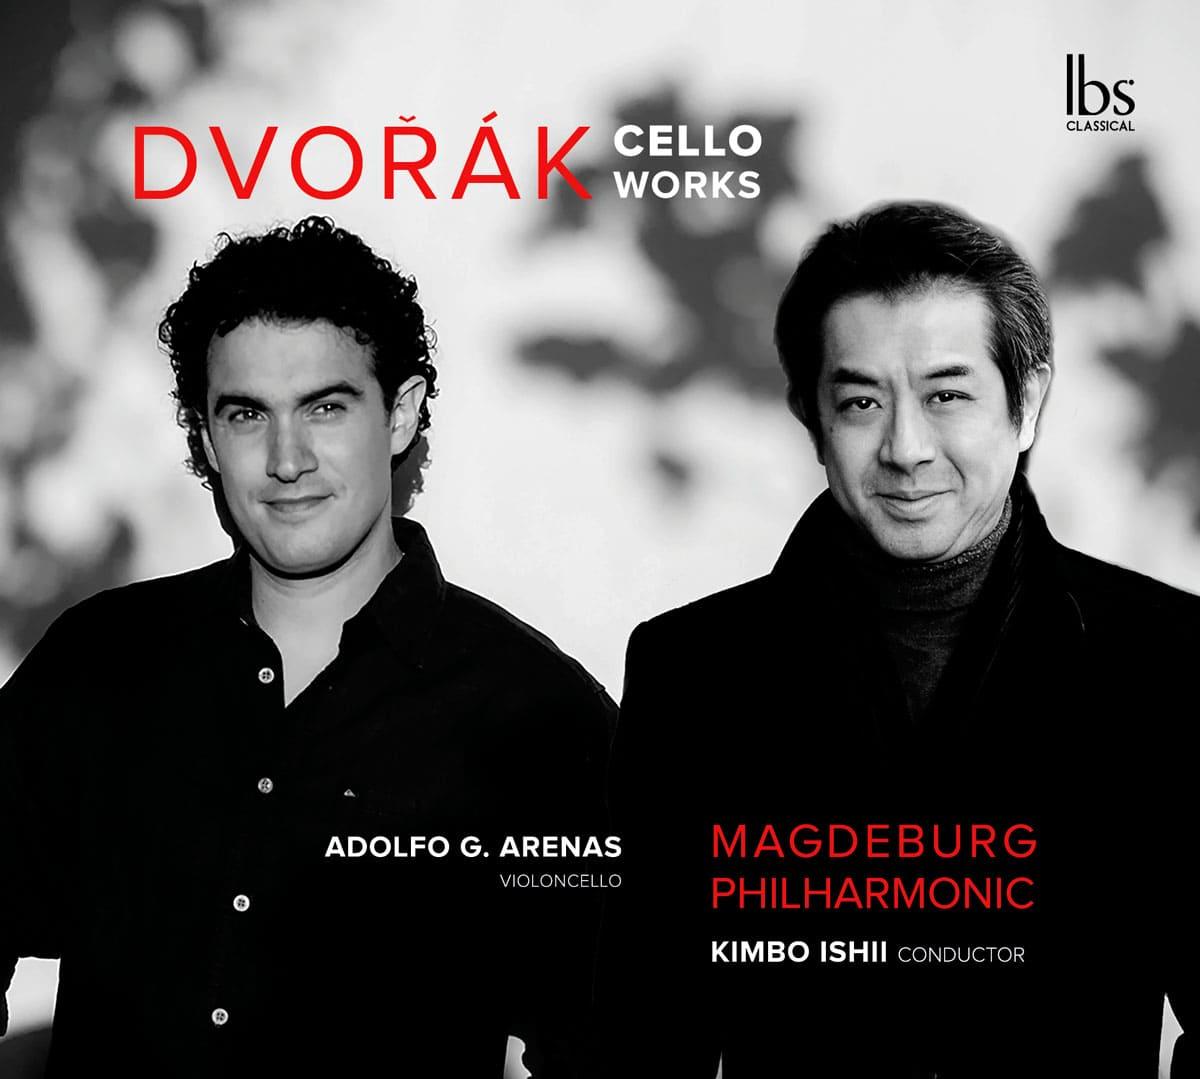 Dvorak: Cello Works